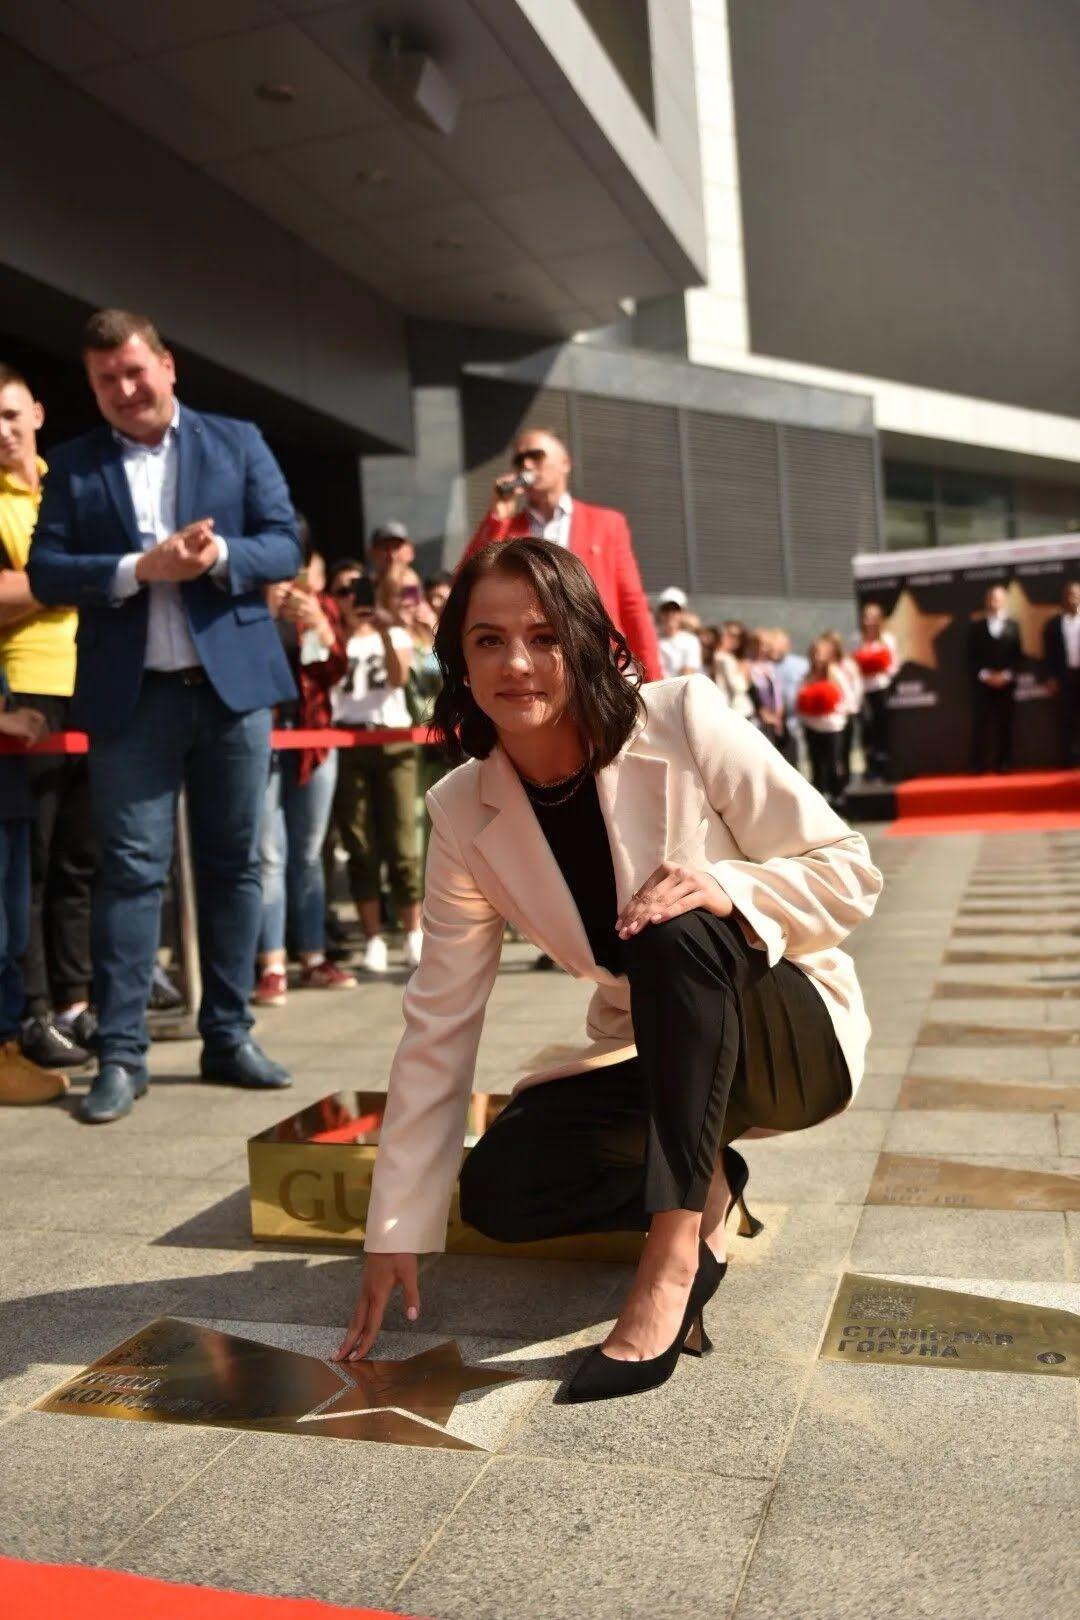 Ирина Коляденко отметила, что ей очень приятно, что в ее честь открыли звезду.